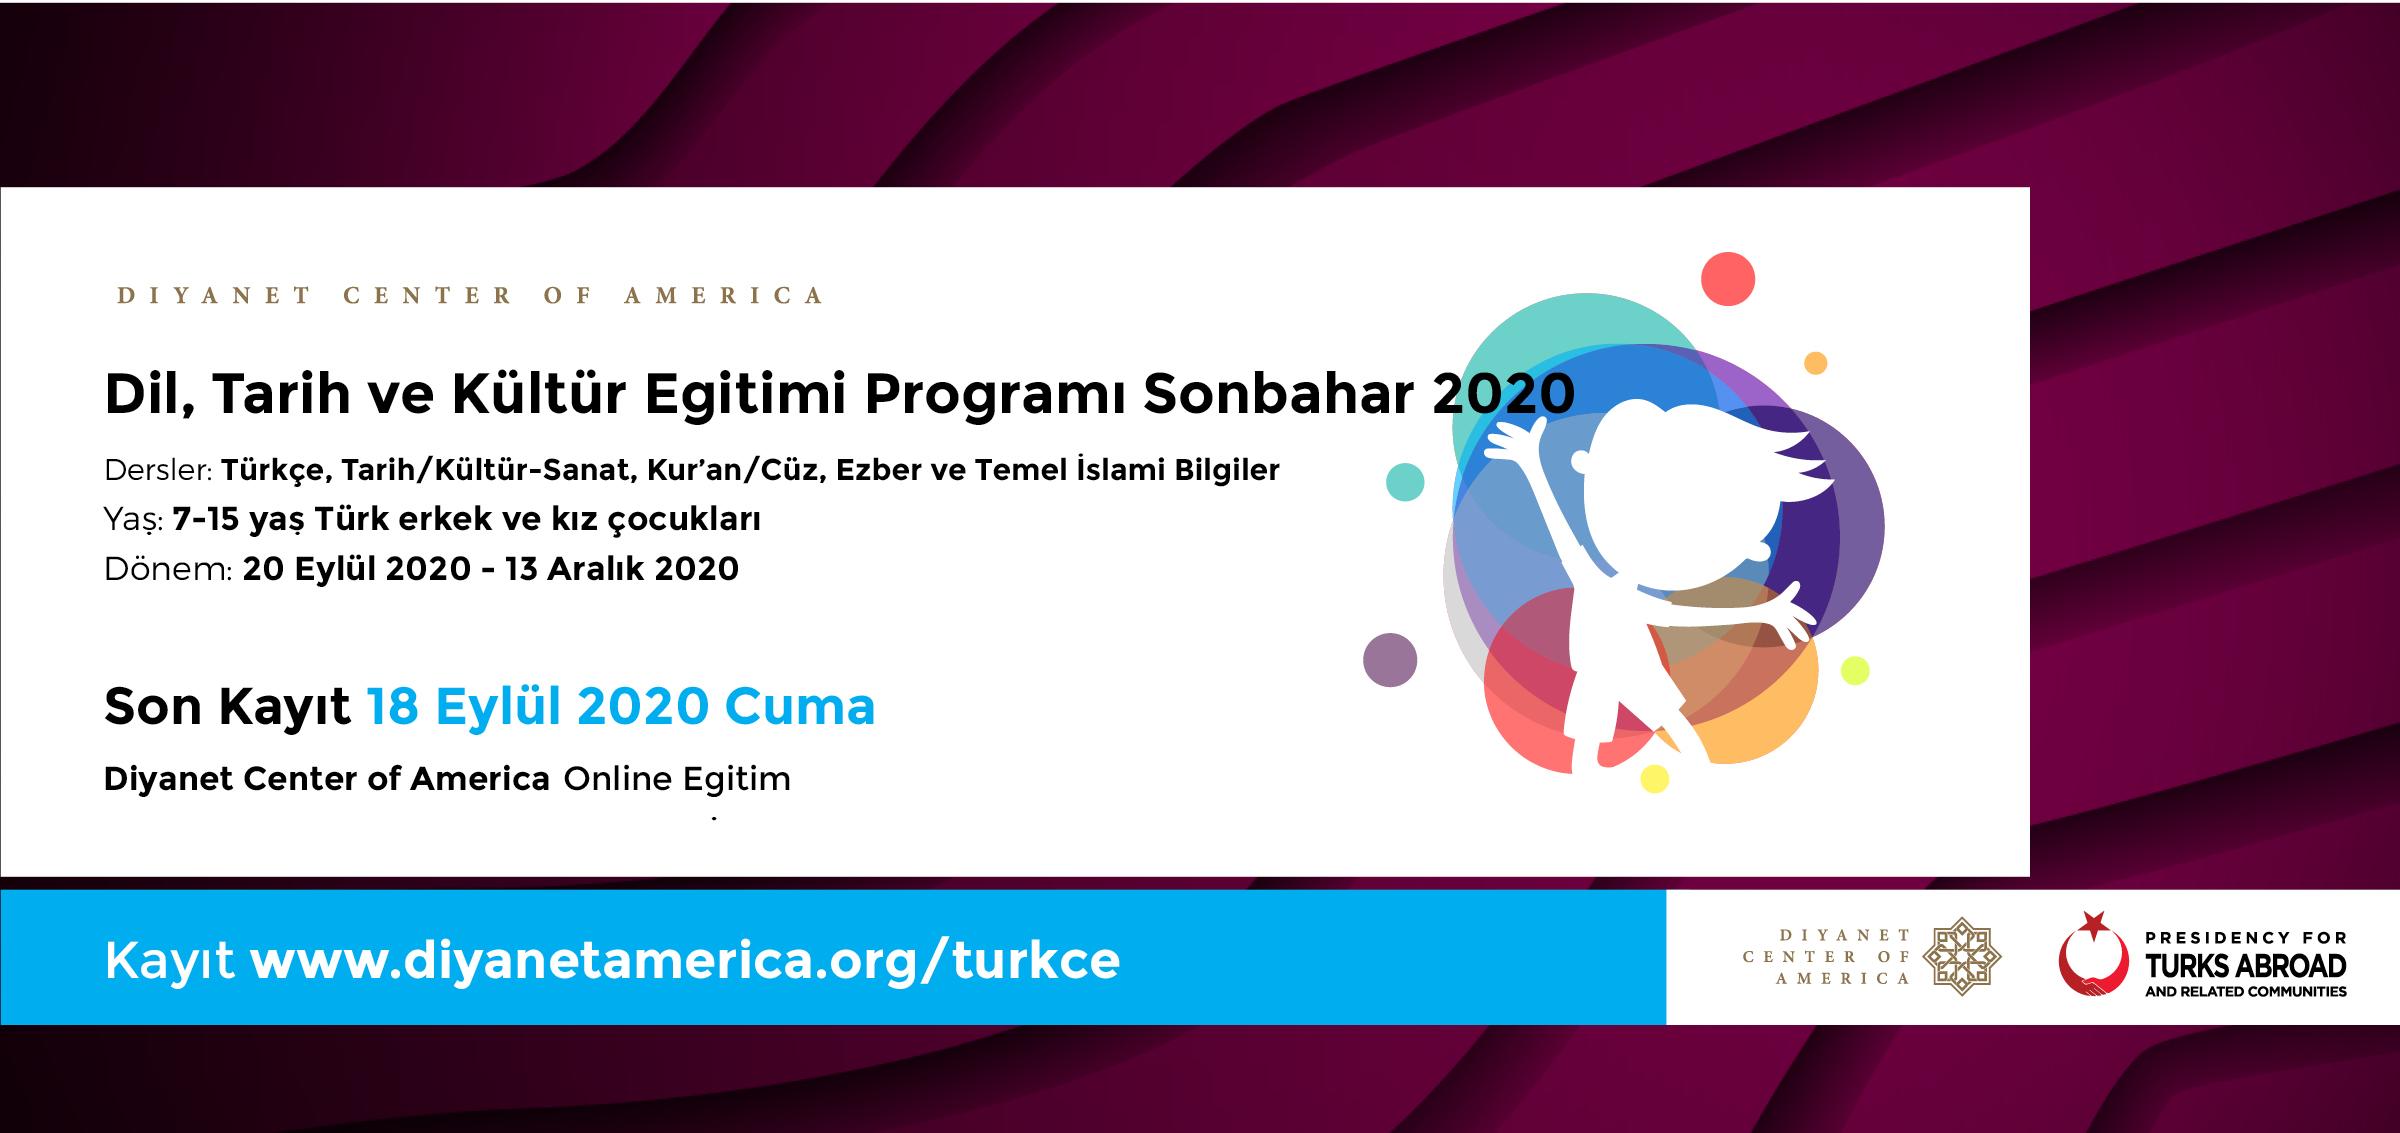 DCA Dil, Tarih ve Kültür Eğitimi Programı Sonbahar 2020